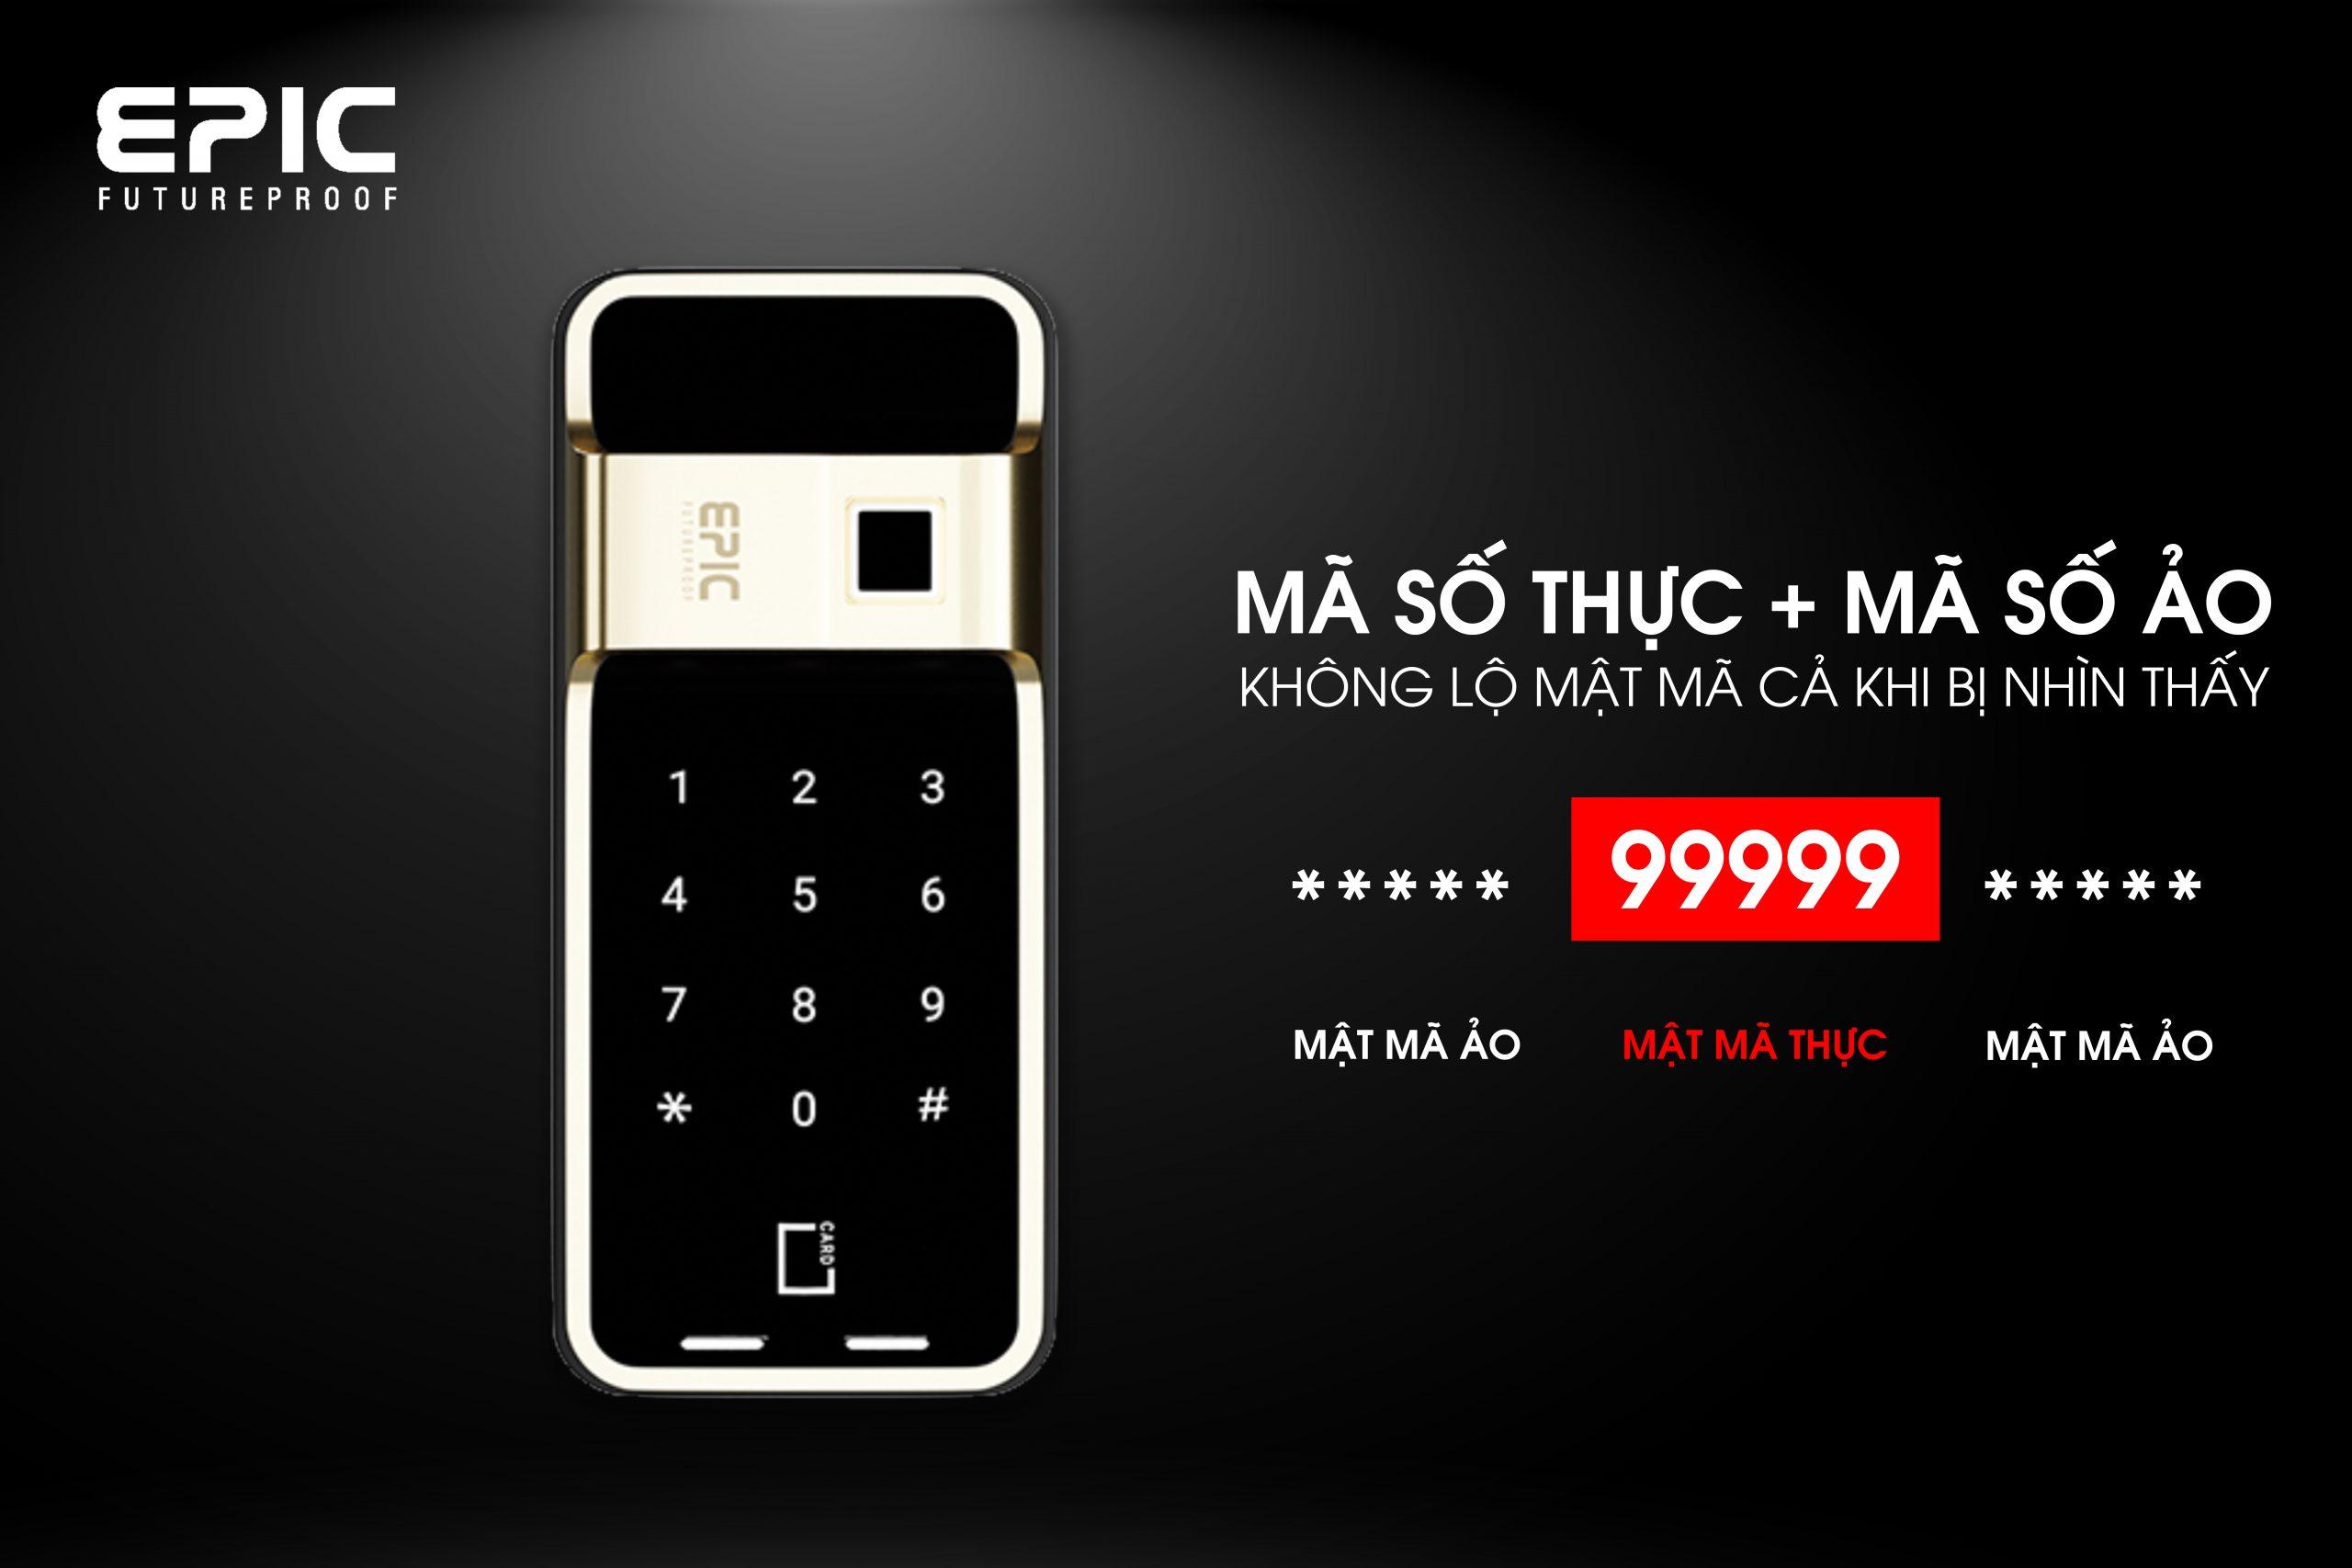 khoa-van-tay-epic-es-f500d-ma-vang-gold